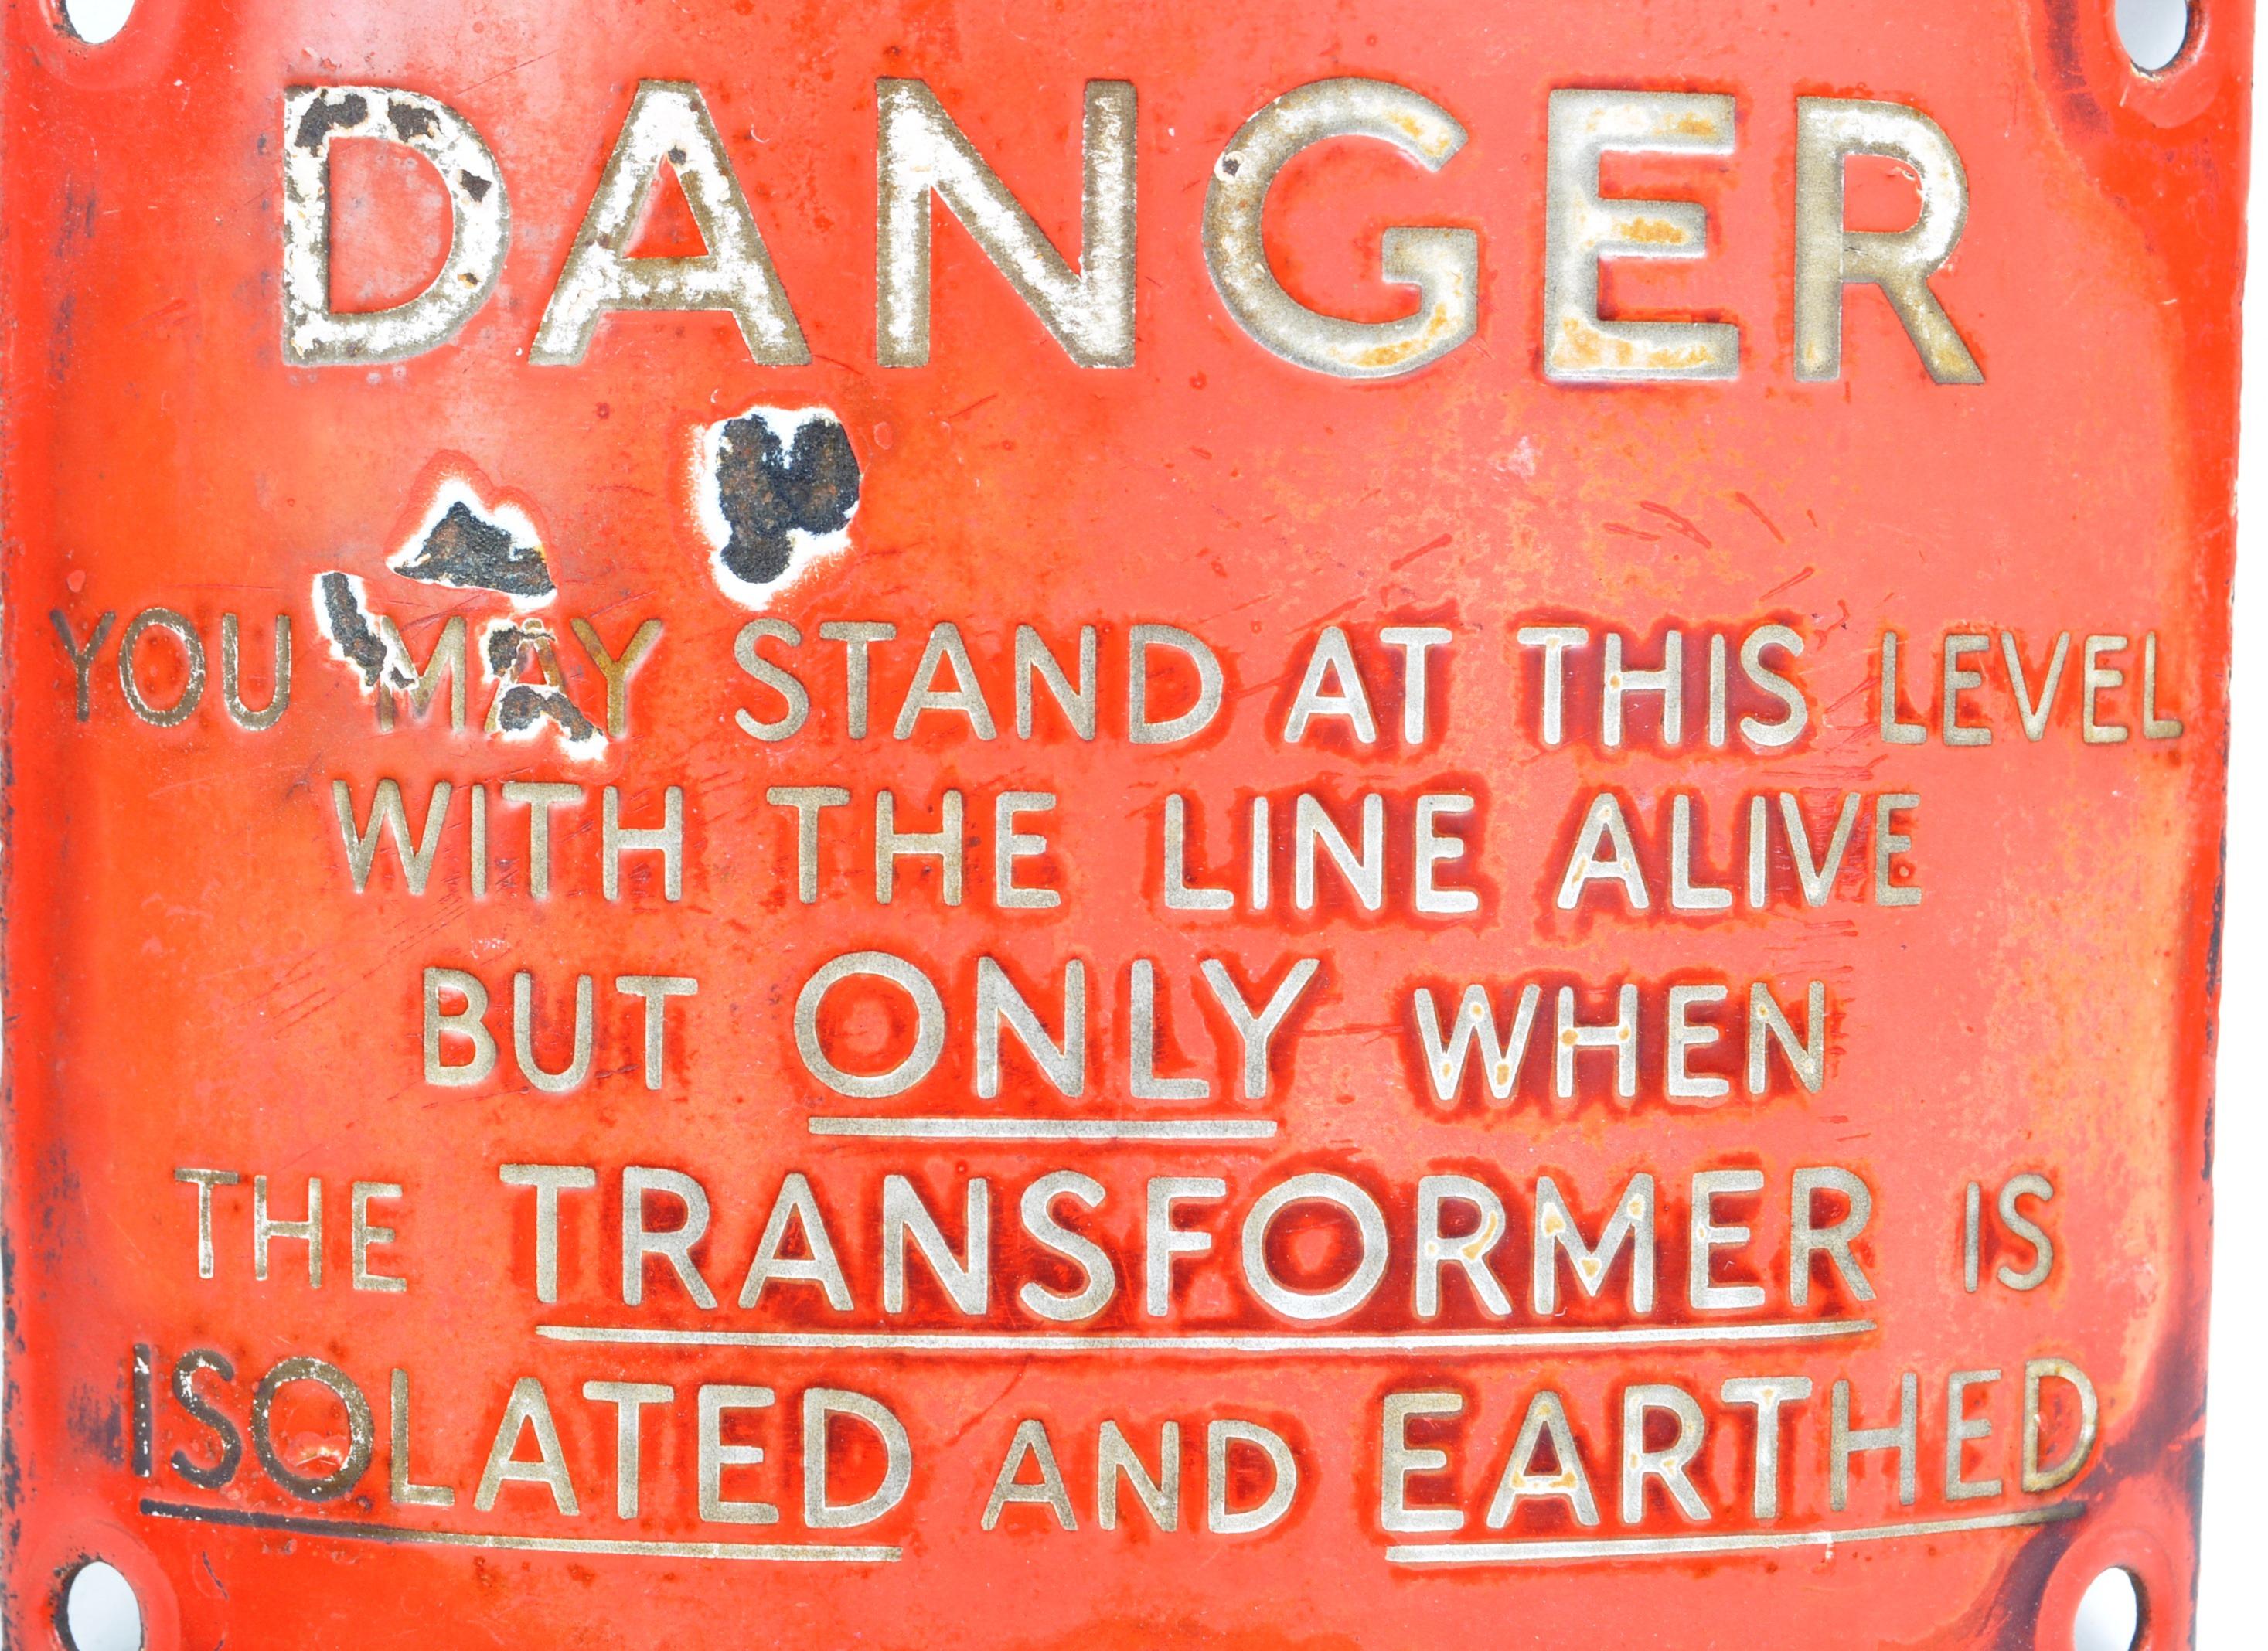 RAILWAY - ORIGINAL VINTAGE CURVED ENAMEL DANGER SIGN - Image 3 of 3